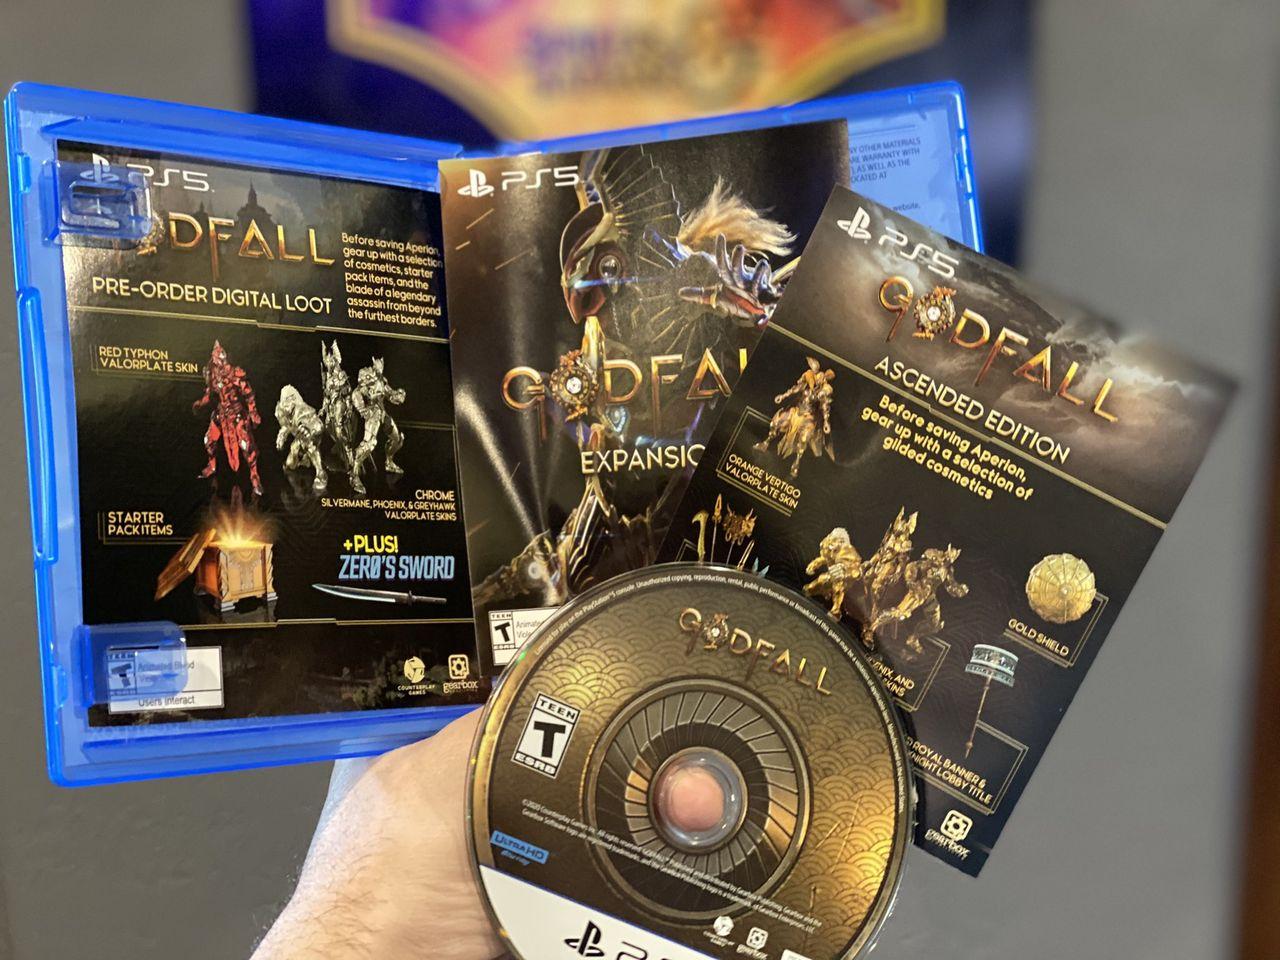 Första fysiska PS5-spelet printat